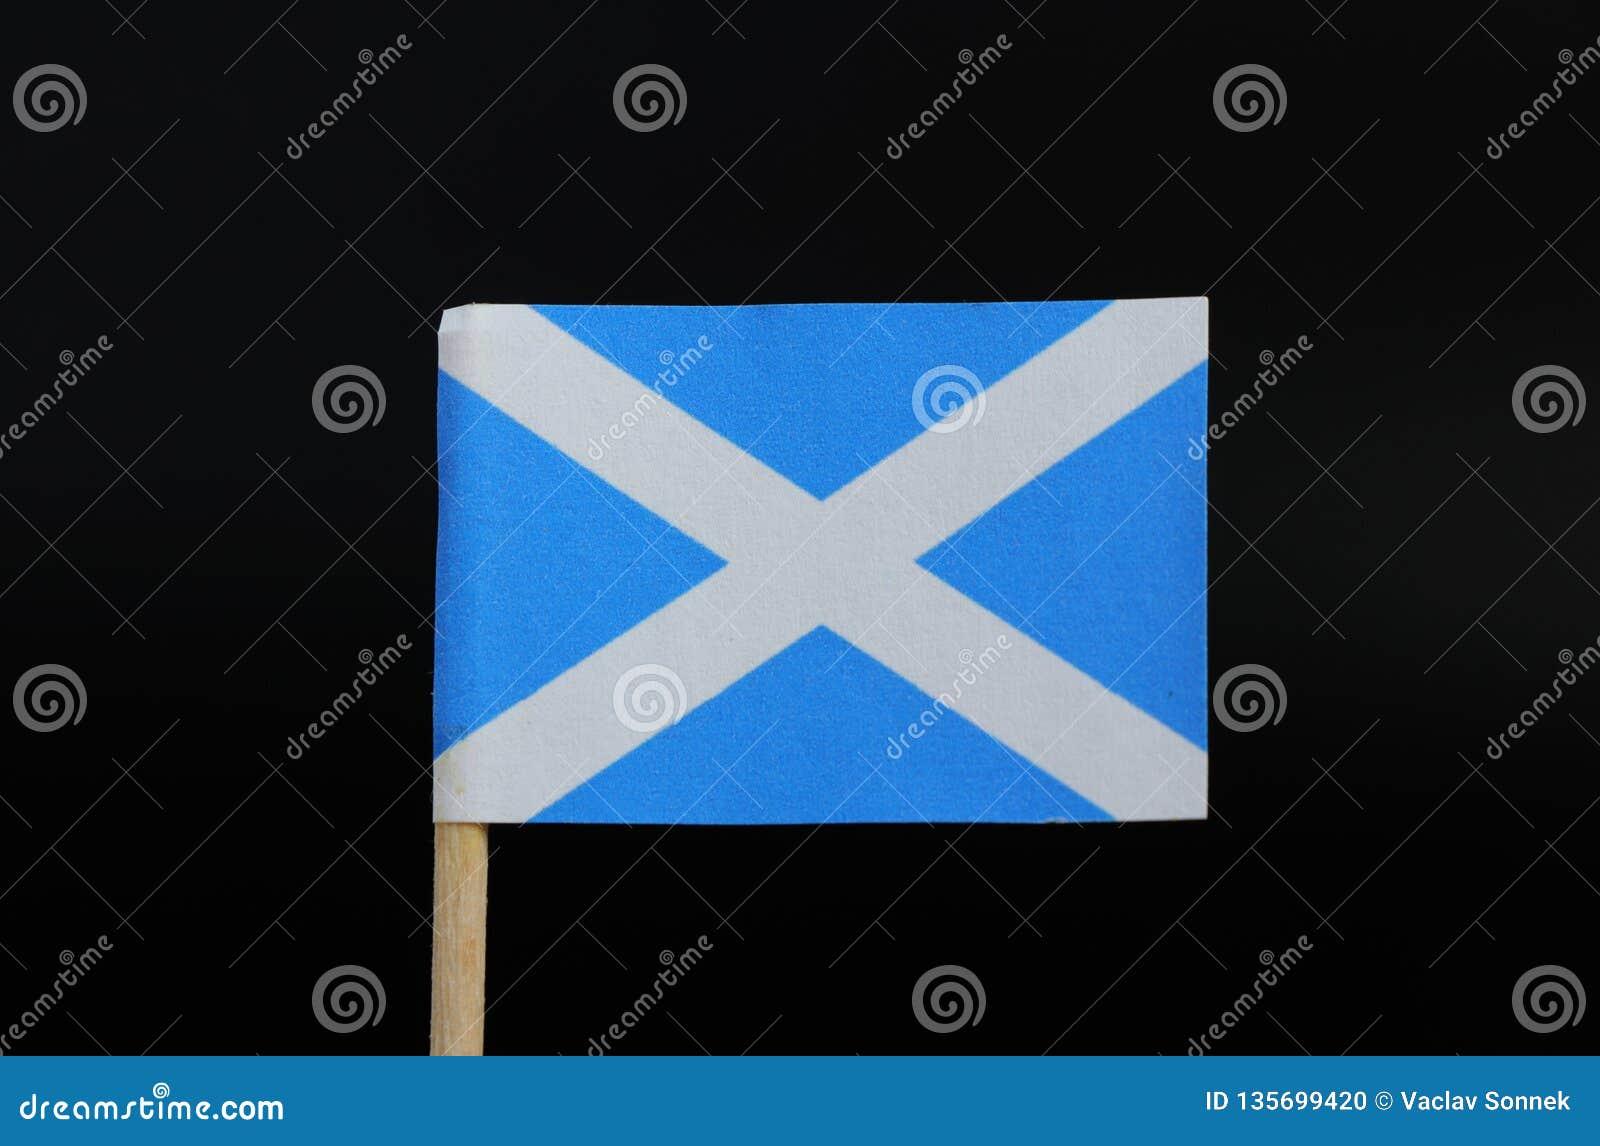 Uma bandeira original de Escócia no palito no fundo preto Um campo azul com uma cruz diagonal branca que estenda aos cantos